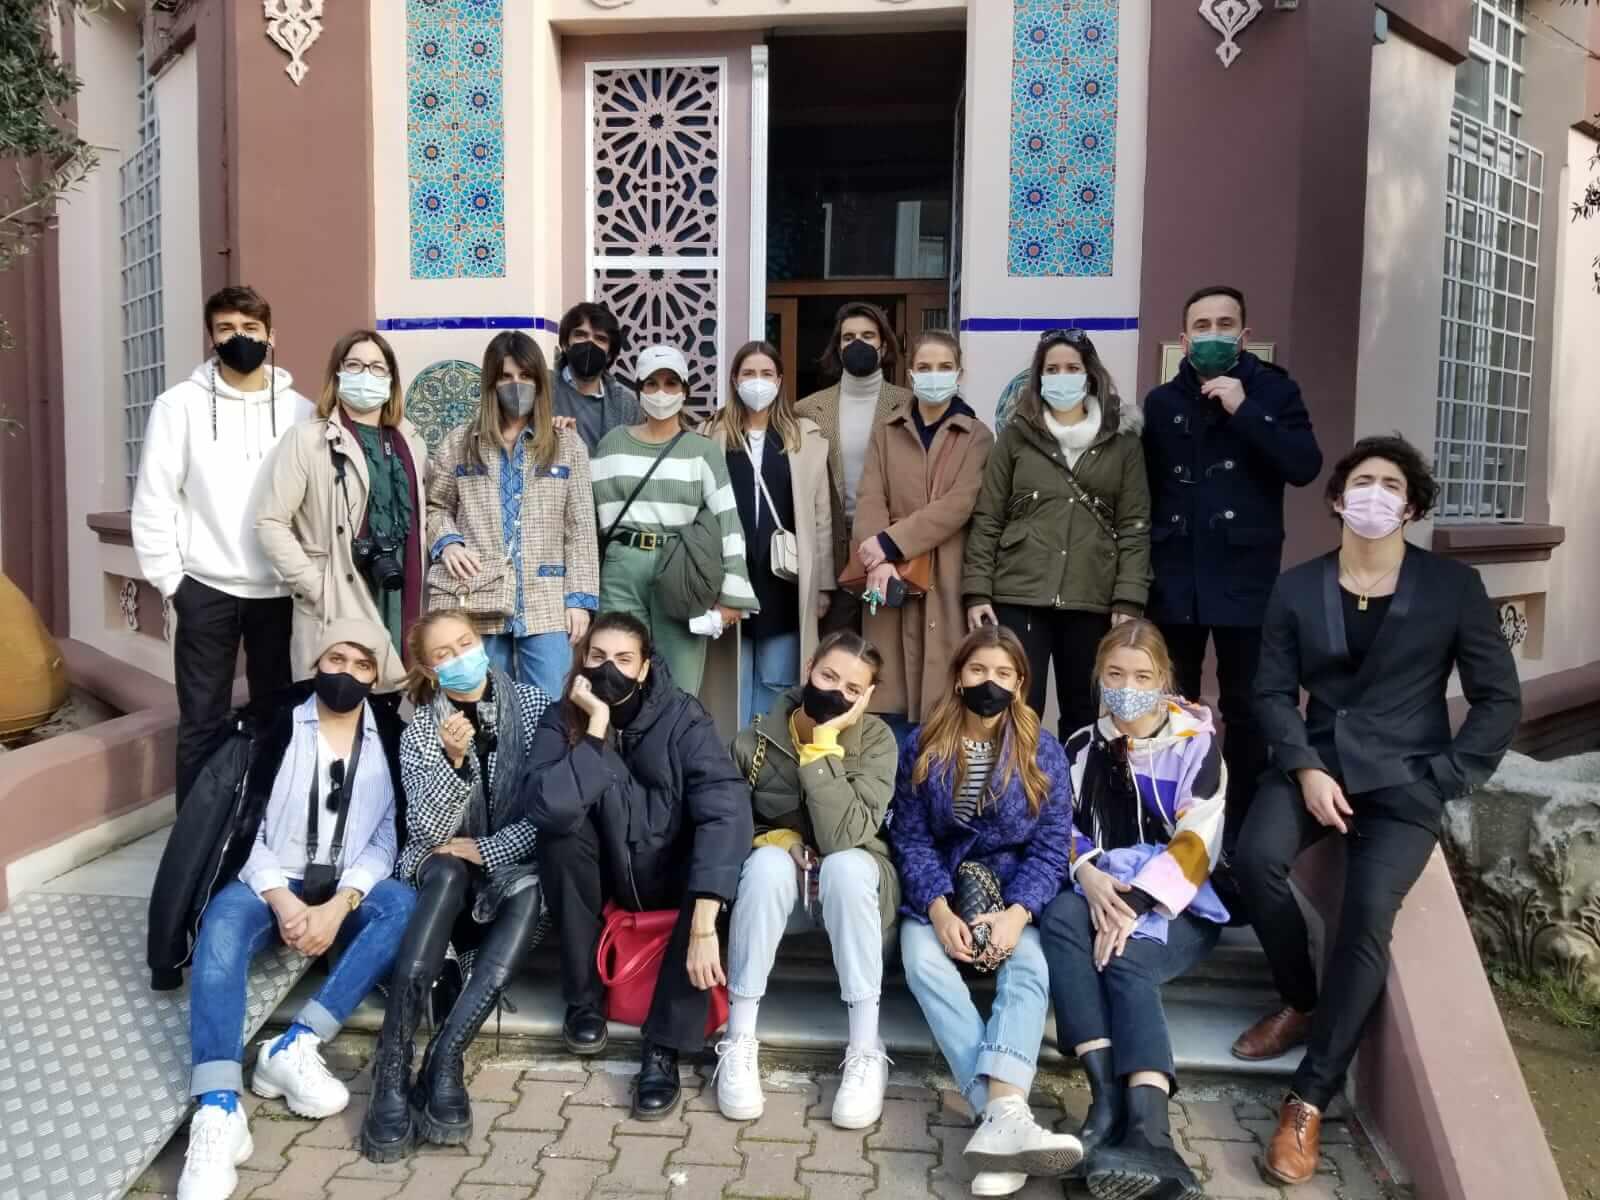 Avrupa'dan gelen sosyal medya fenomenleri Tekirdağ'ı tanıtacak